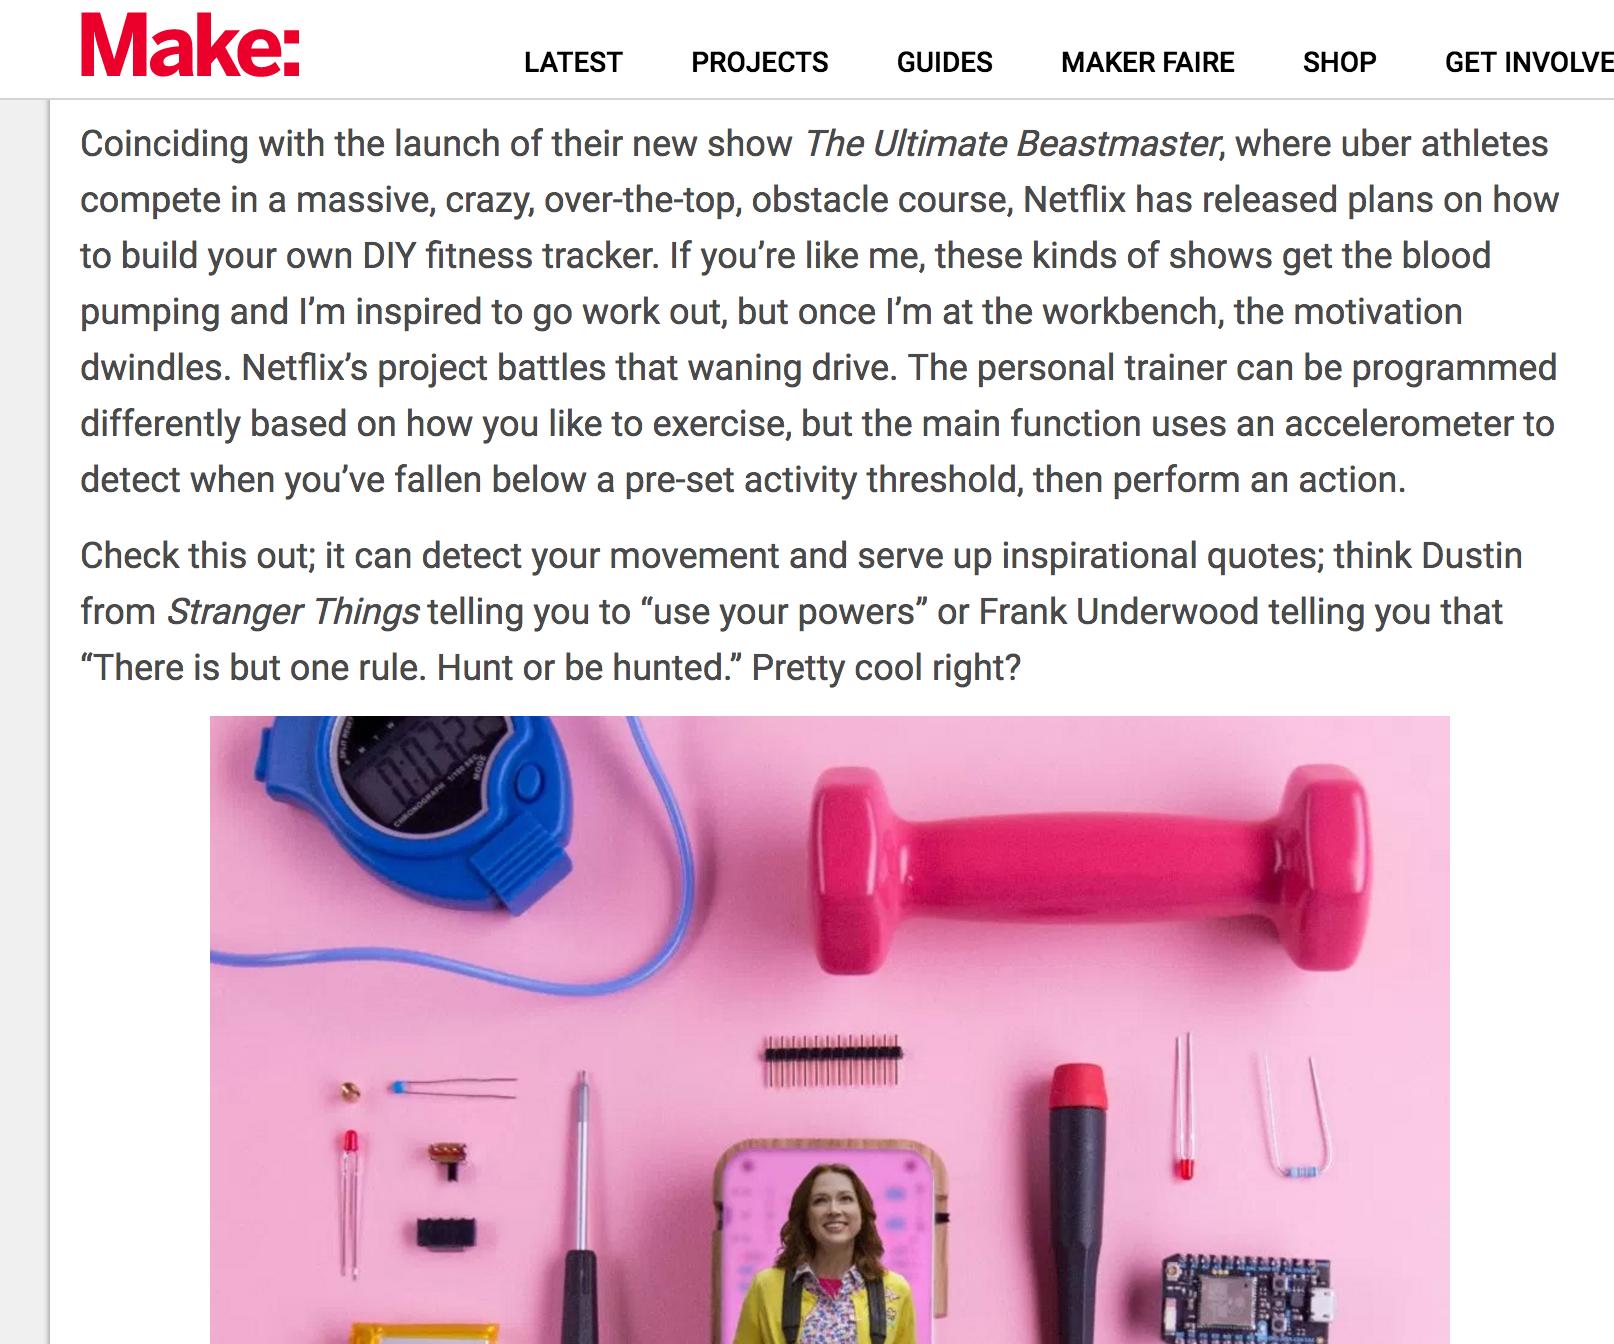 Make Magazine Blog Post